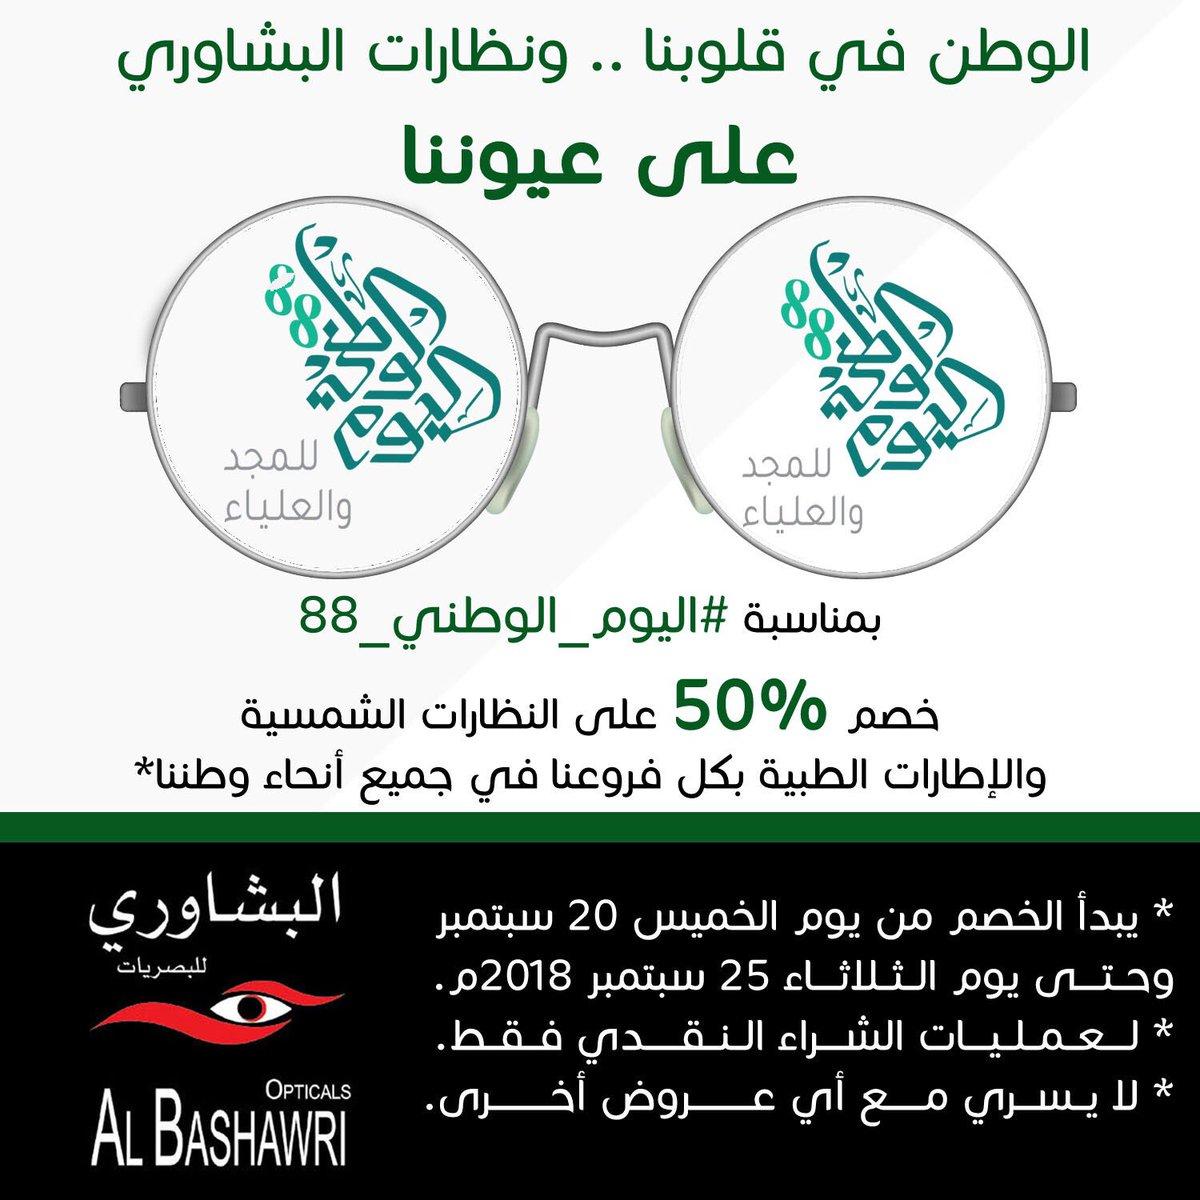 53fcd83fc البشاوري_للبصريات (@AlBashawri_Opt) | Twitter